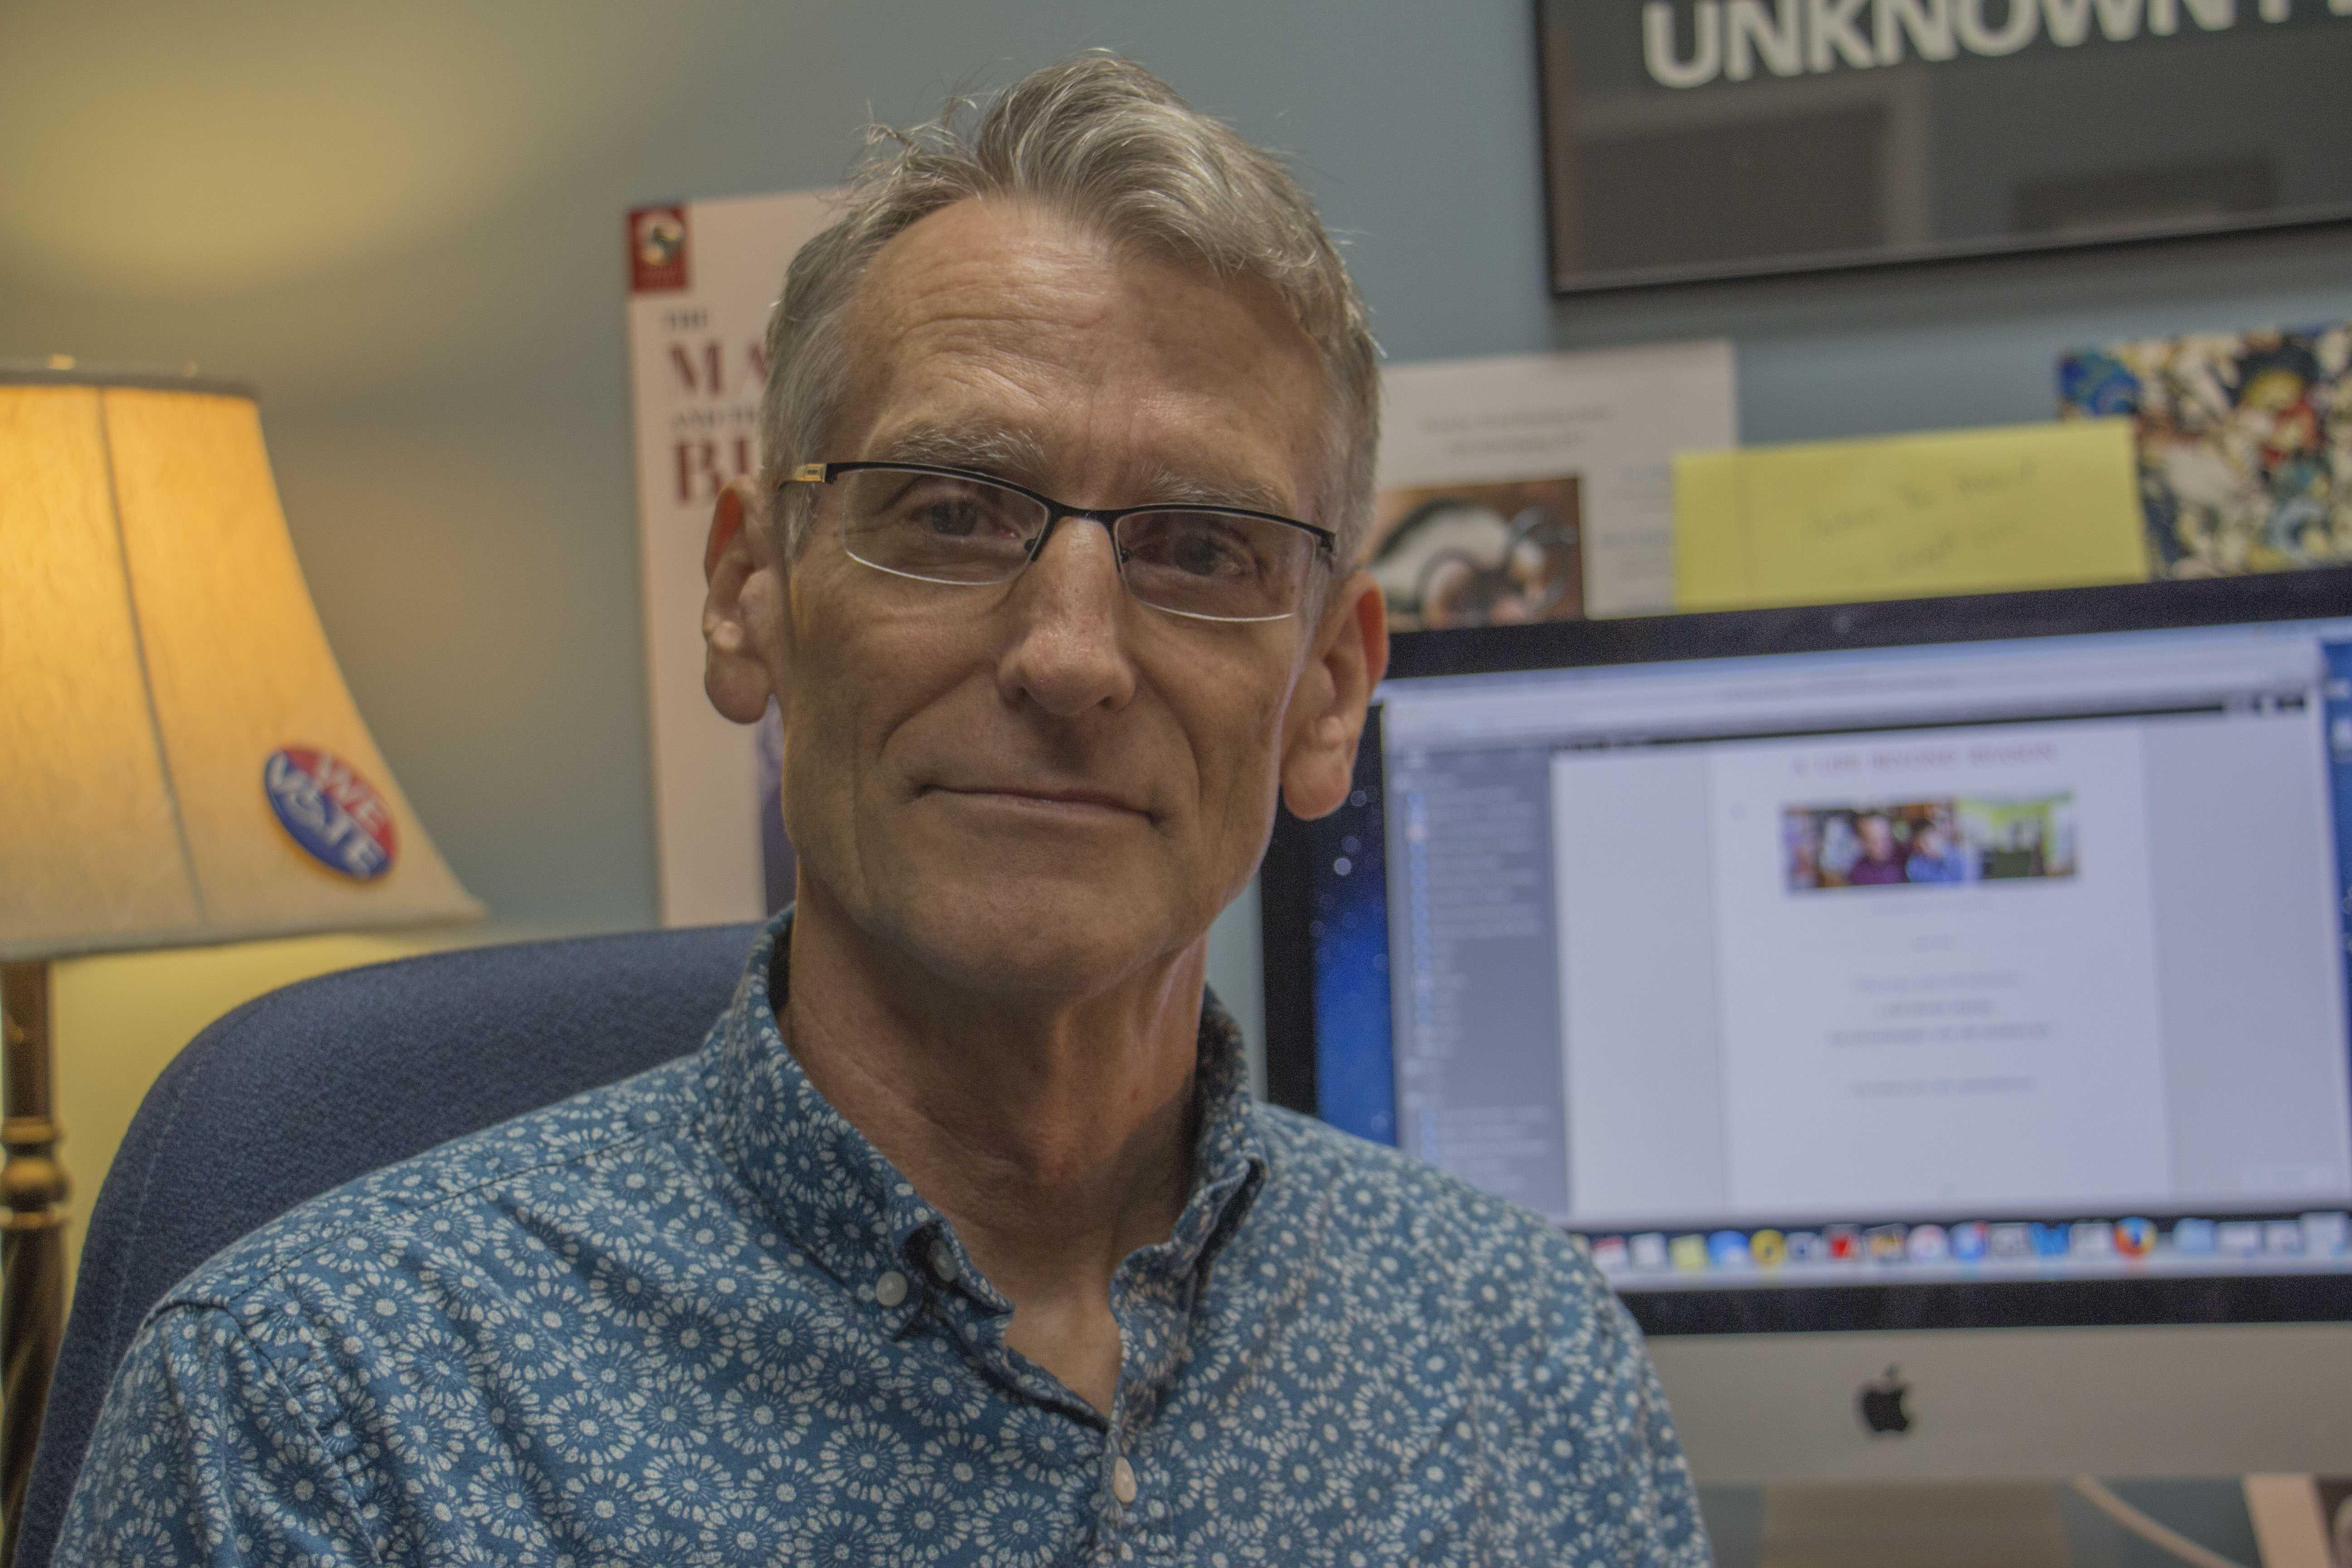 Professor Spotlight: Chris Gabbard